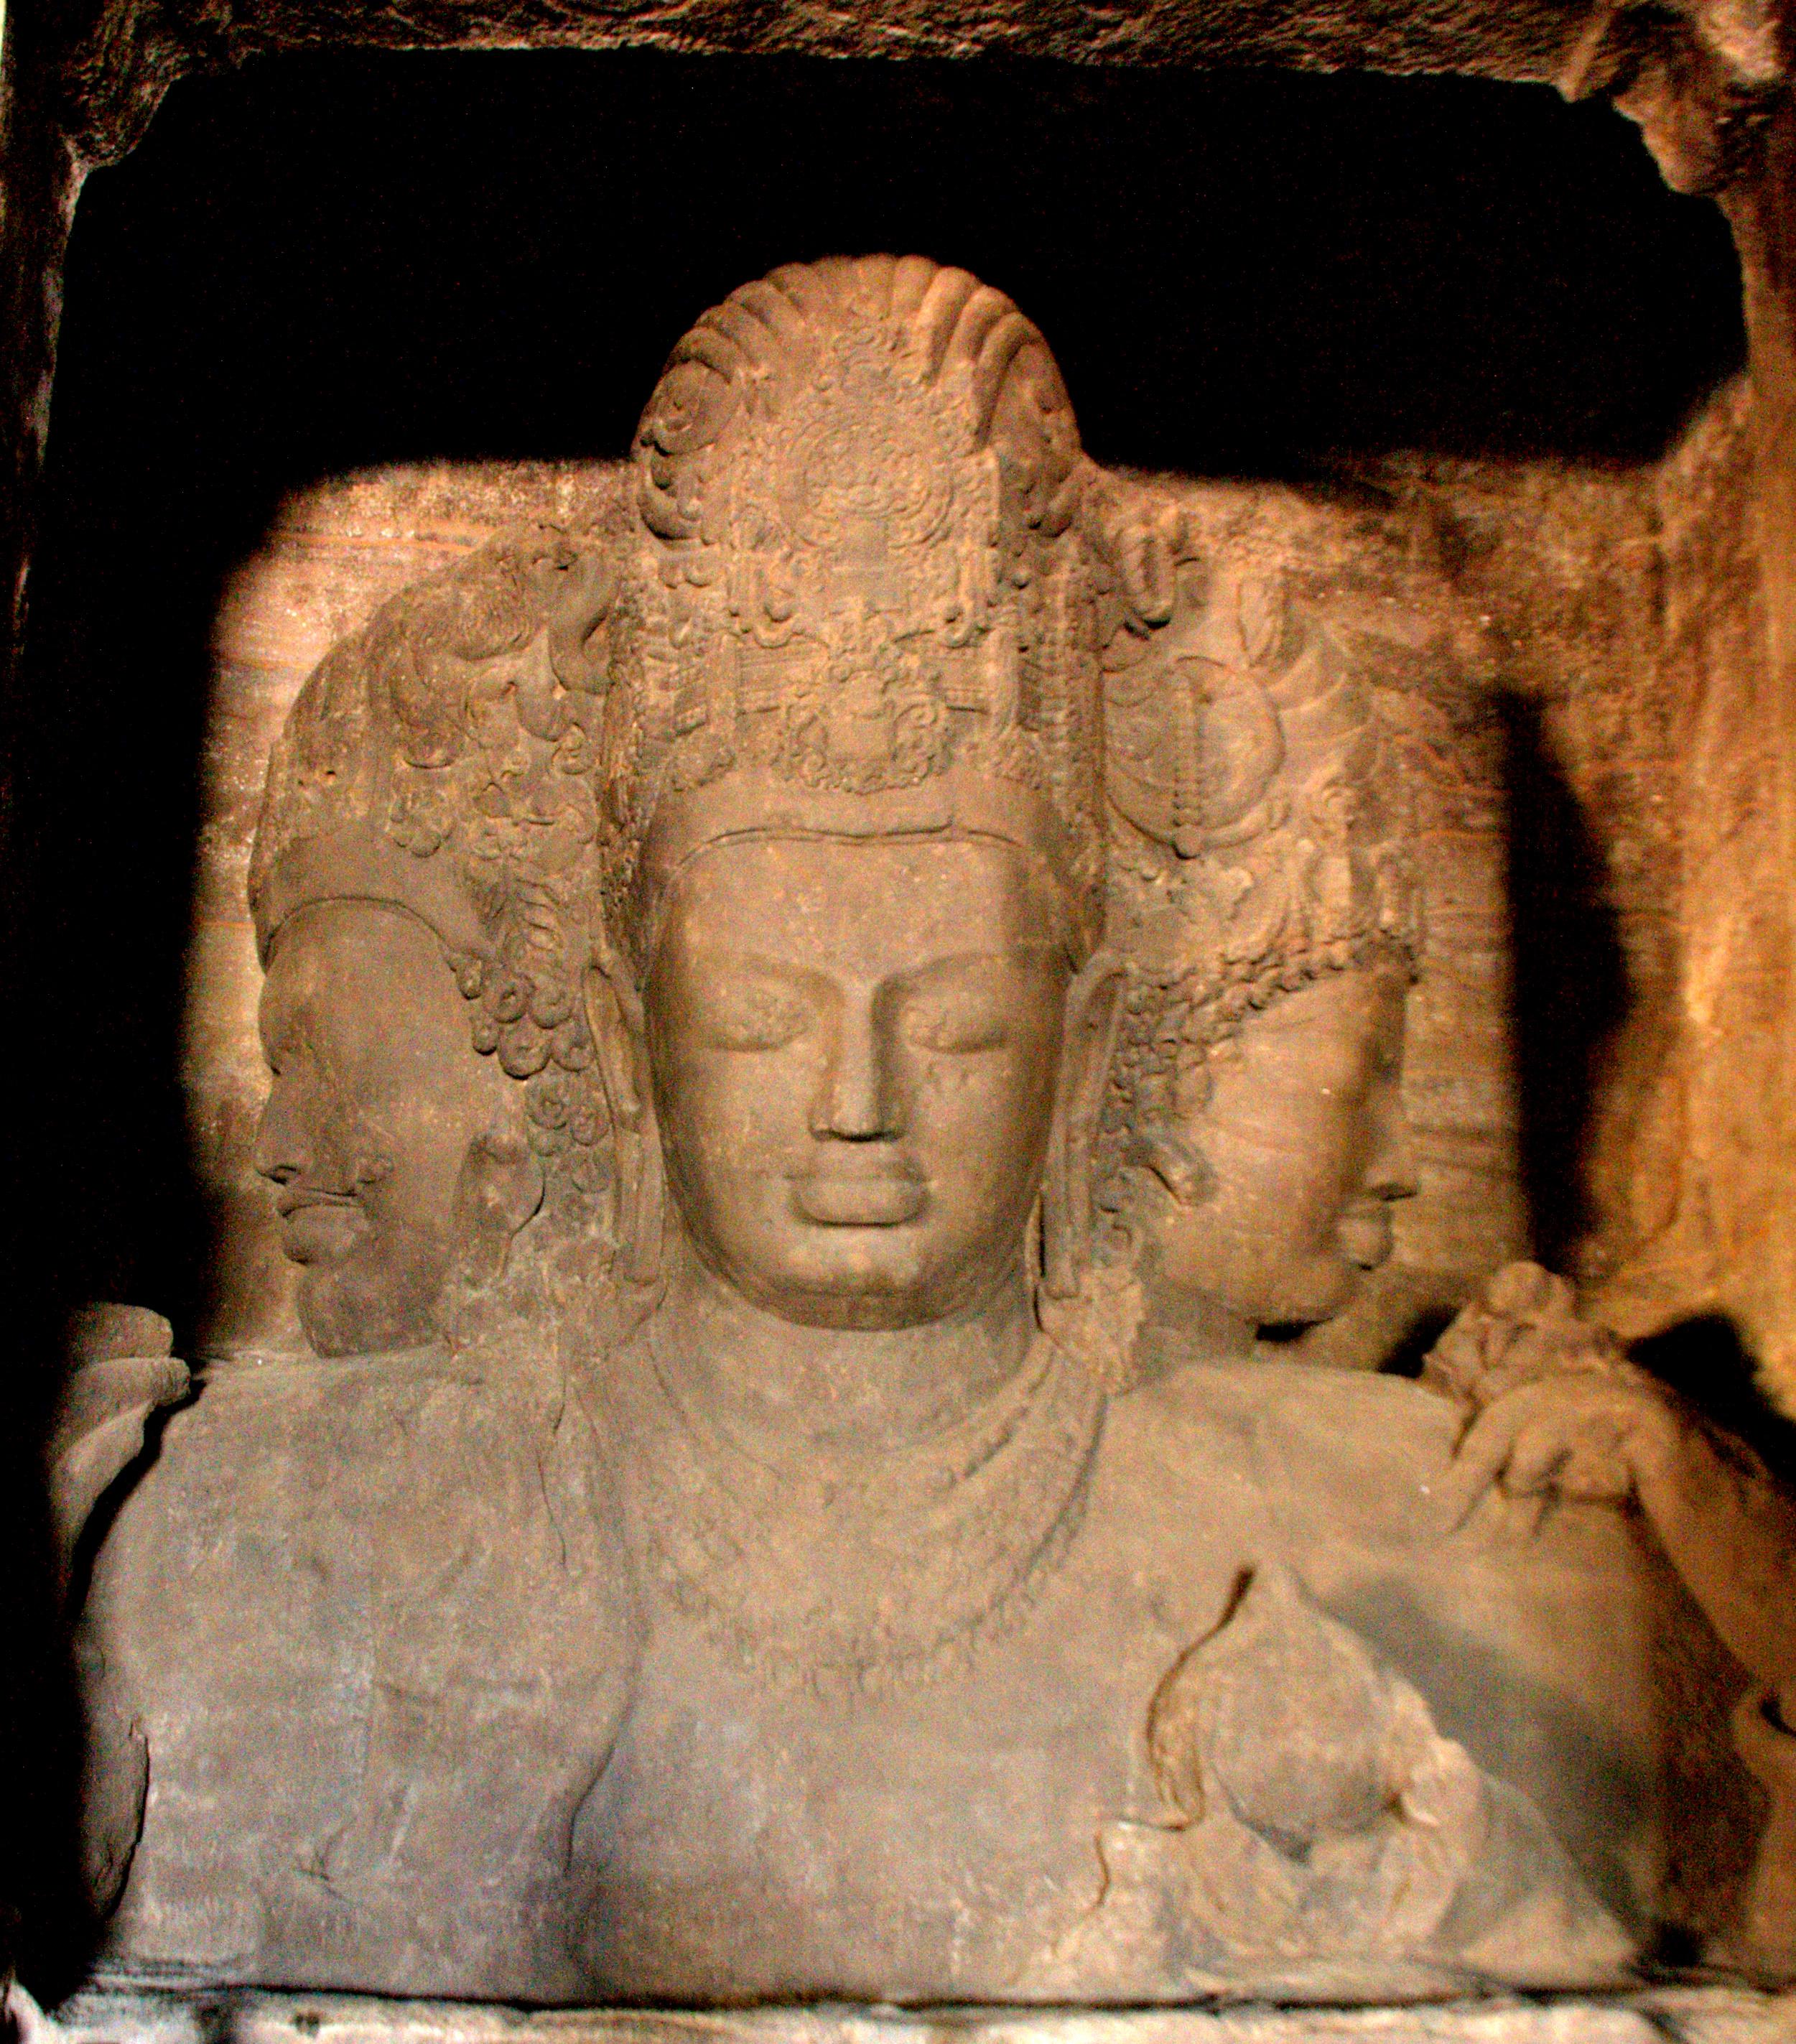 Elephanta_Caves_Mahesh_Murthi